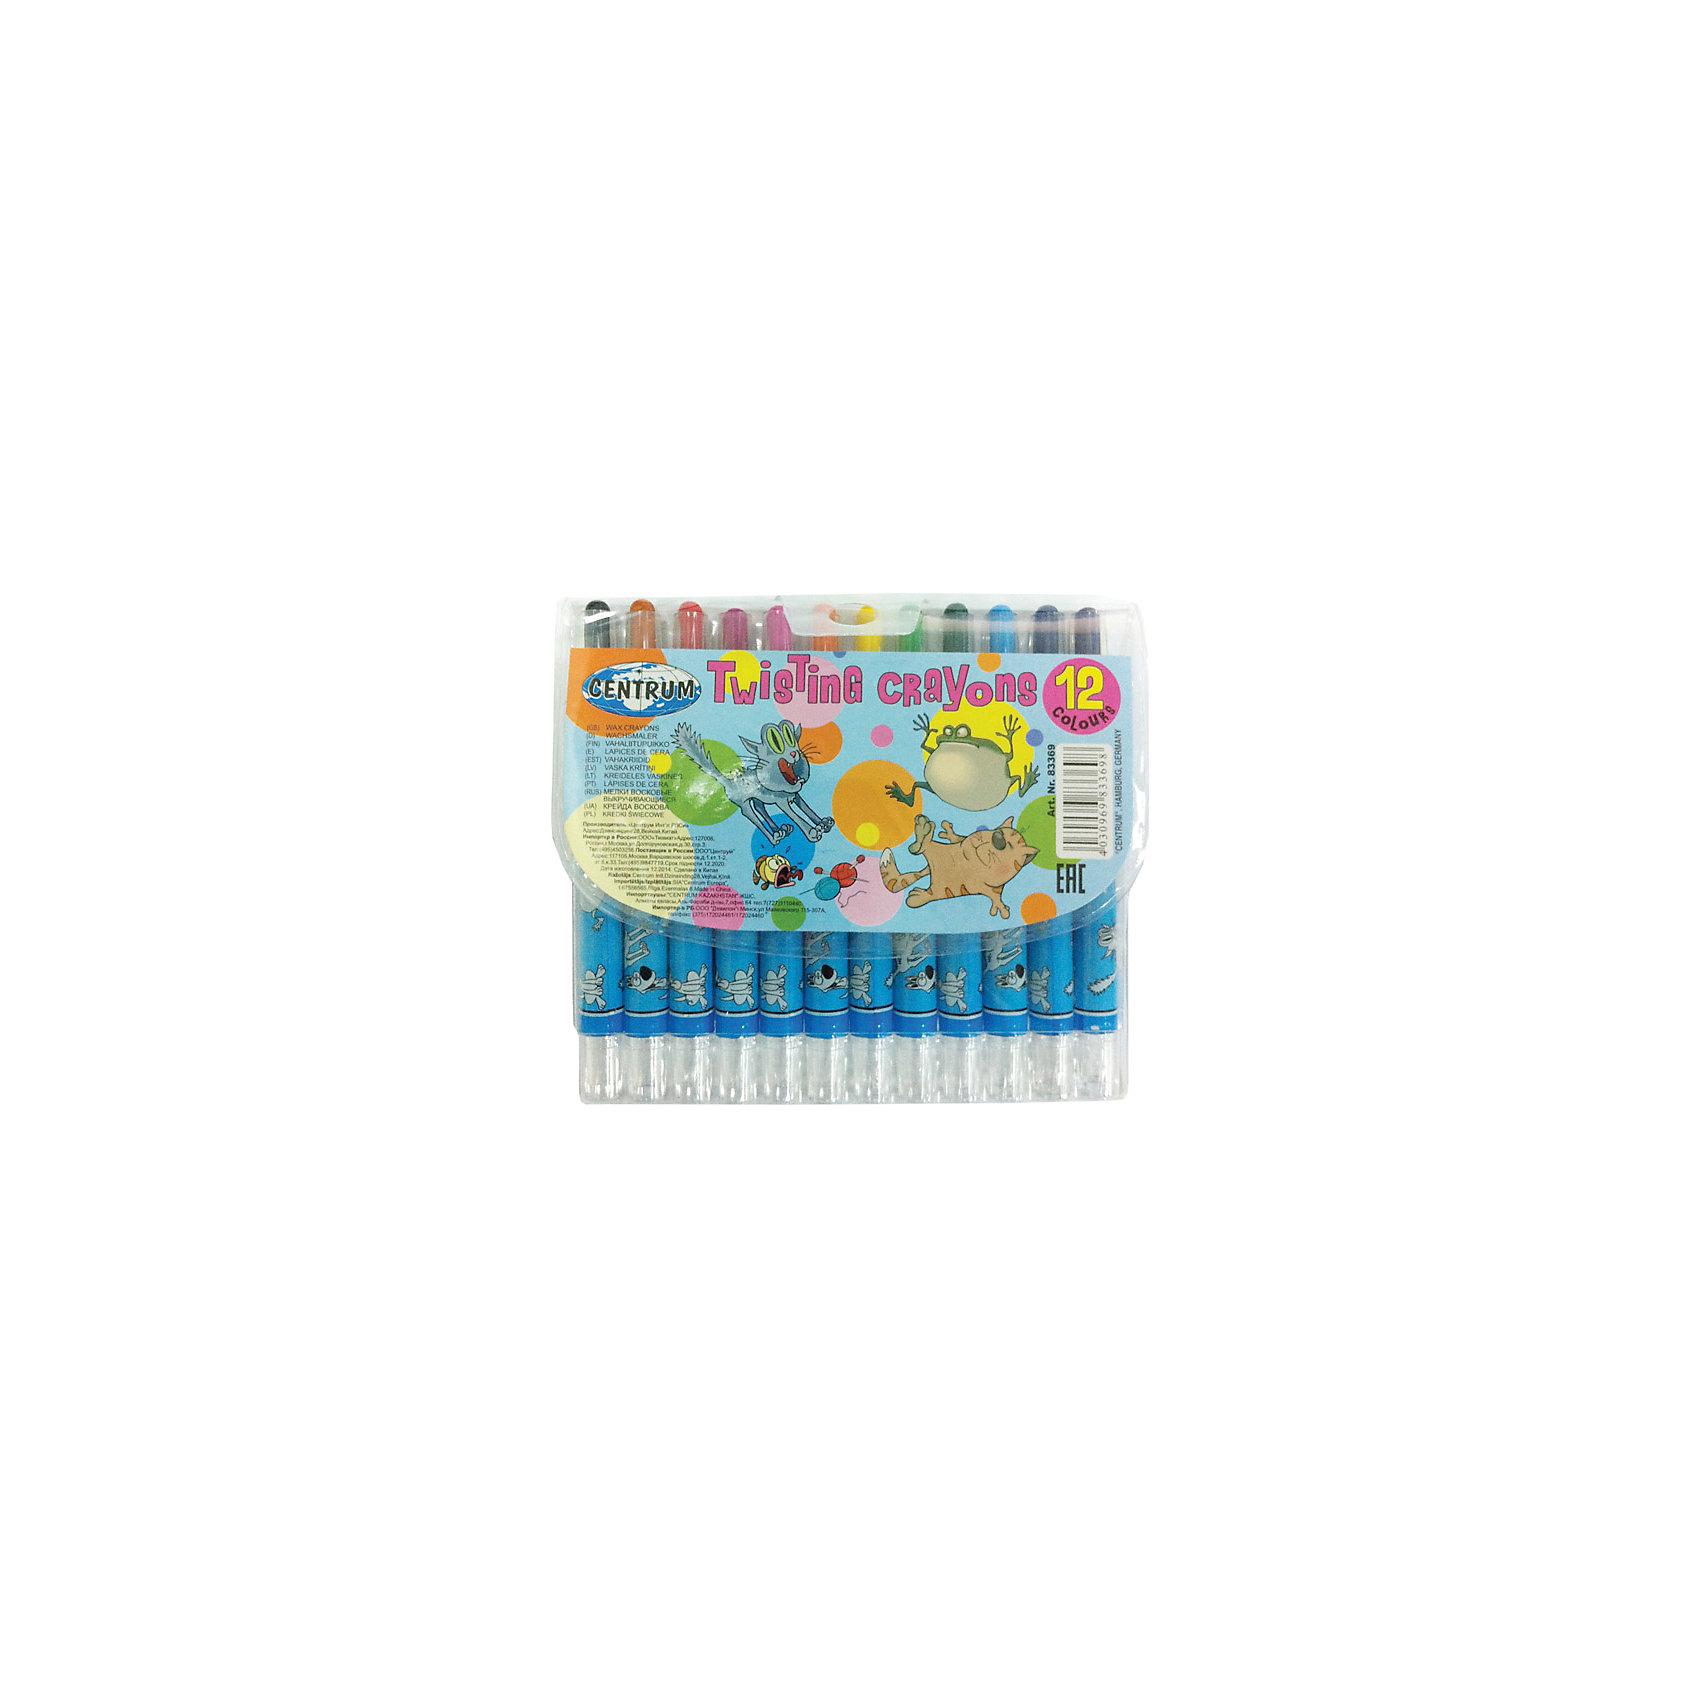 CENTRUM Мелки восковые выдвижные Twist, 12 цветов мелки centrum мелки пастельные масляные 6 цветов